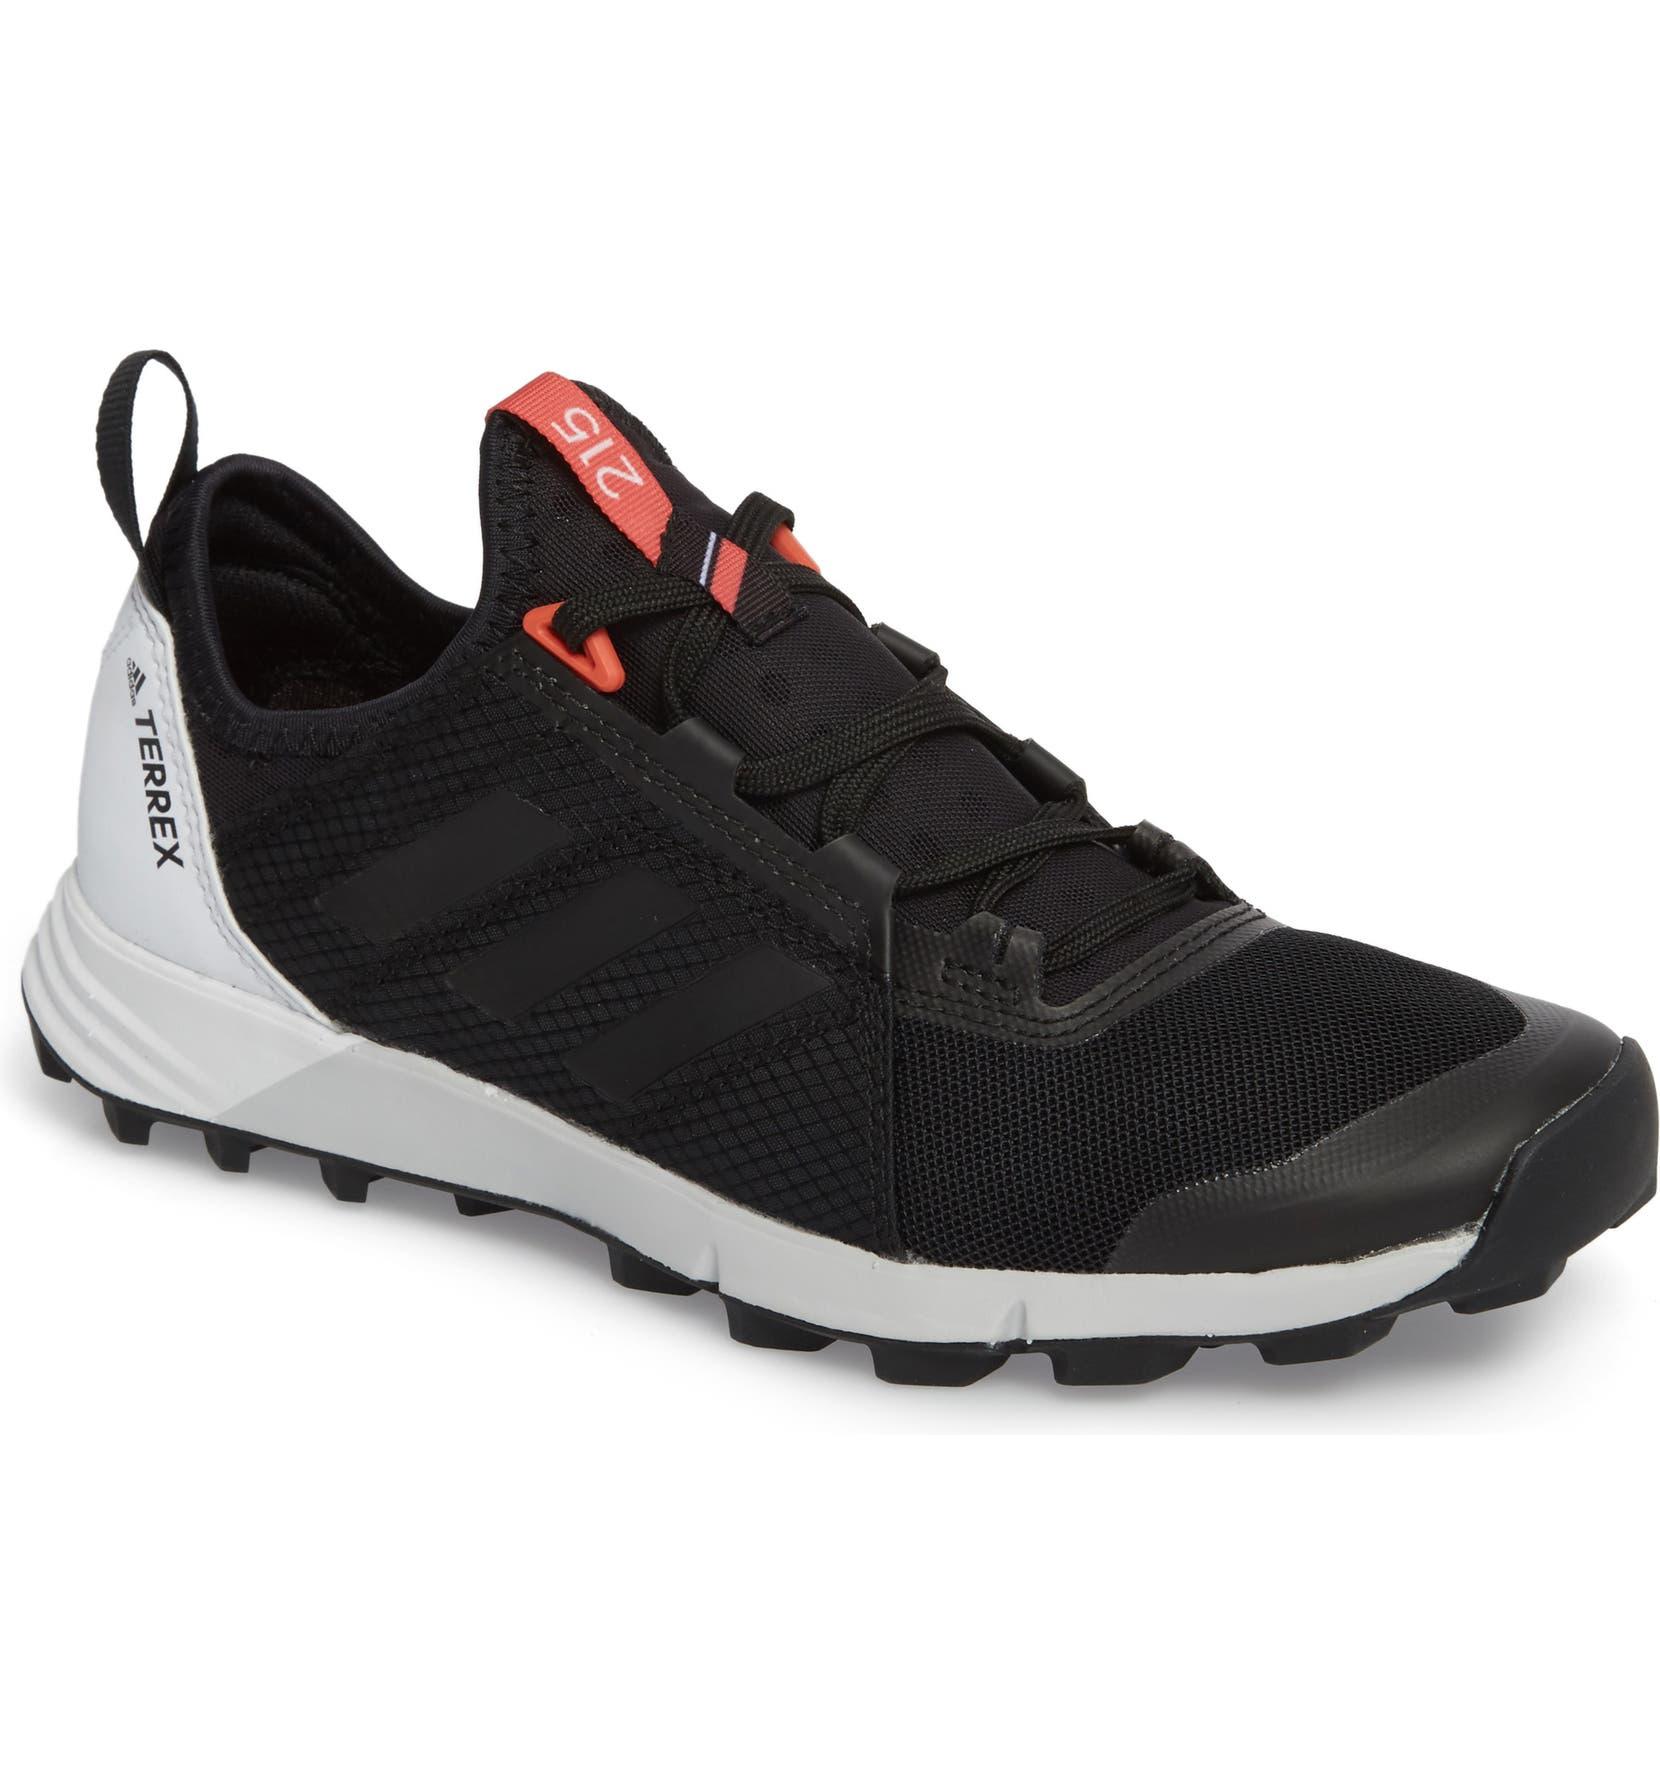 a583da4d8e8 adidas Terrex Agravic Speed Running Shoe (Women)